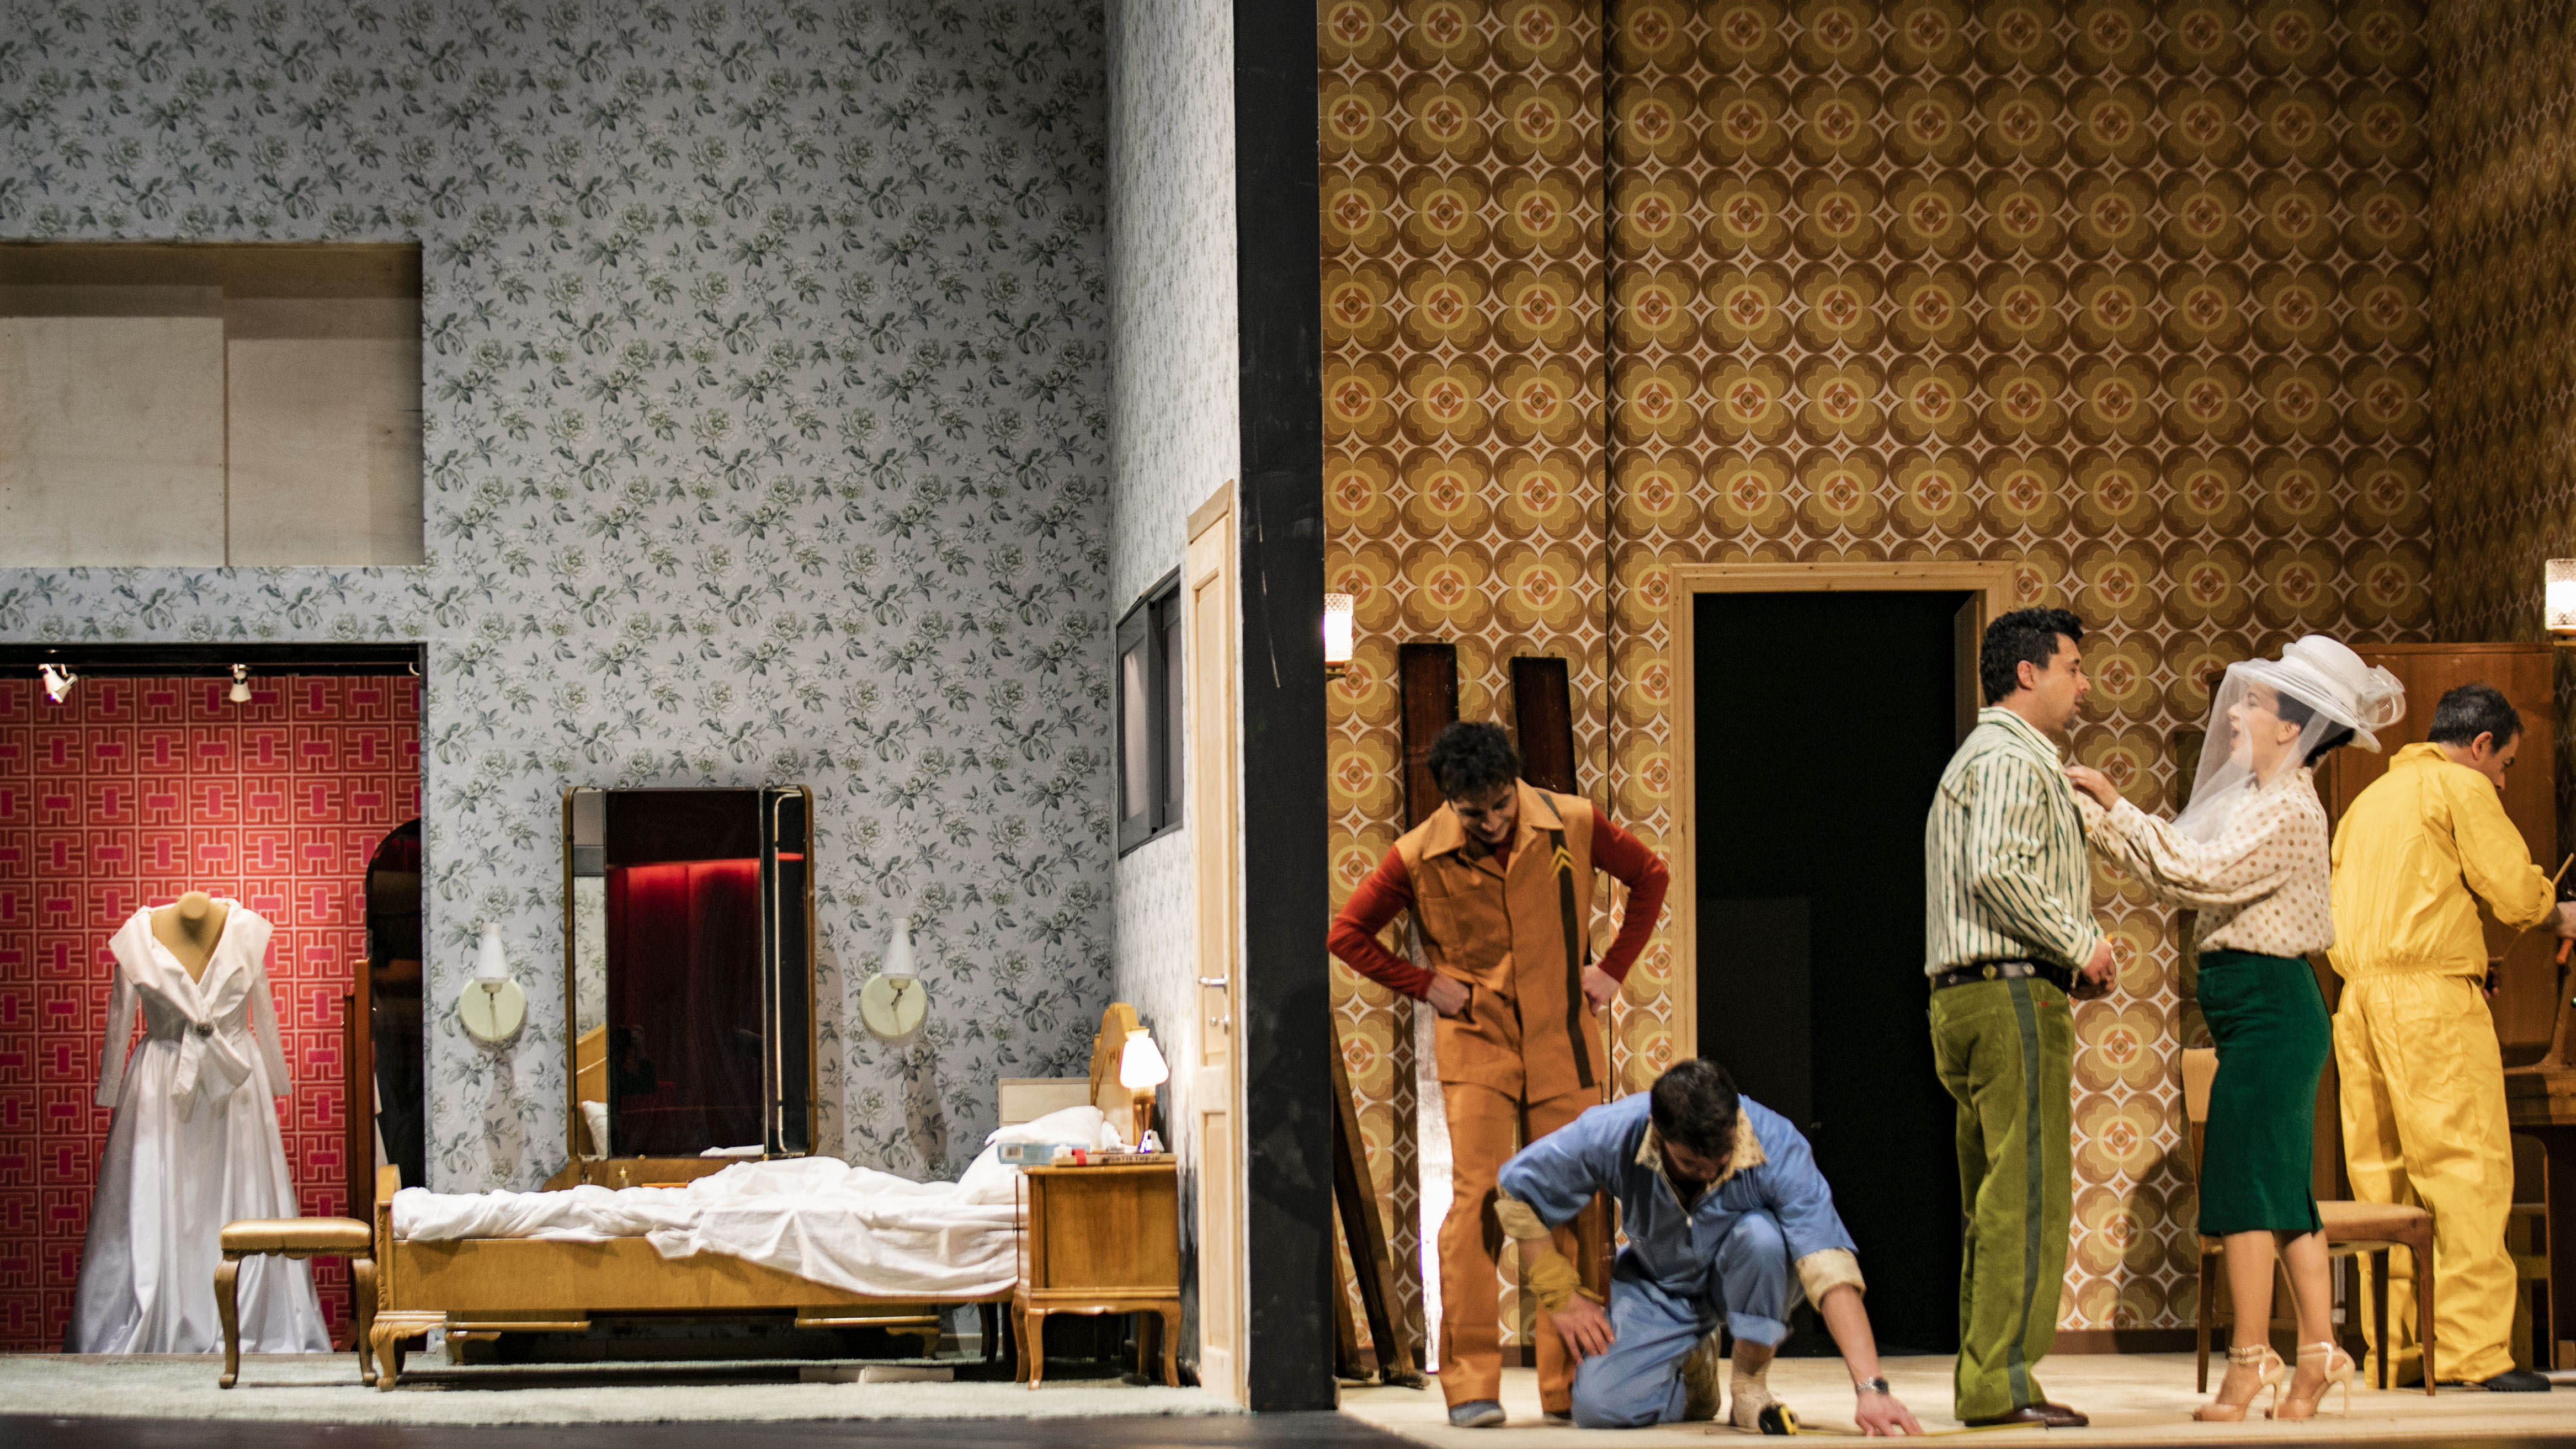 """Σκηνή από την παραγωγή της όπερας """"Οι Γάμοι του Φίγκαρο"""". Γιάννης Σελητσανιώτης, Χρύσα Μαλιαμάνη. Φωτο: Αντρέας Σιμόπουλος."""